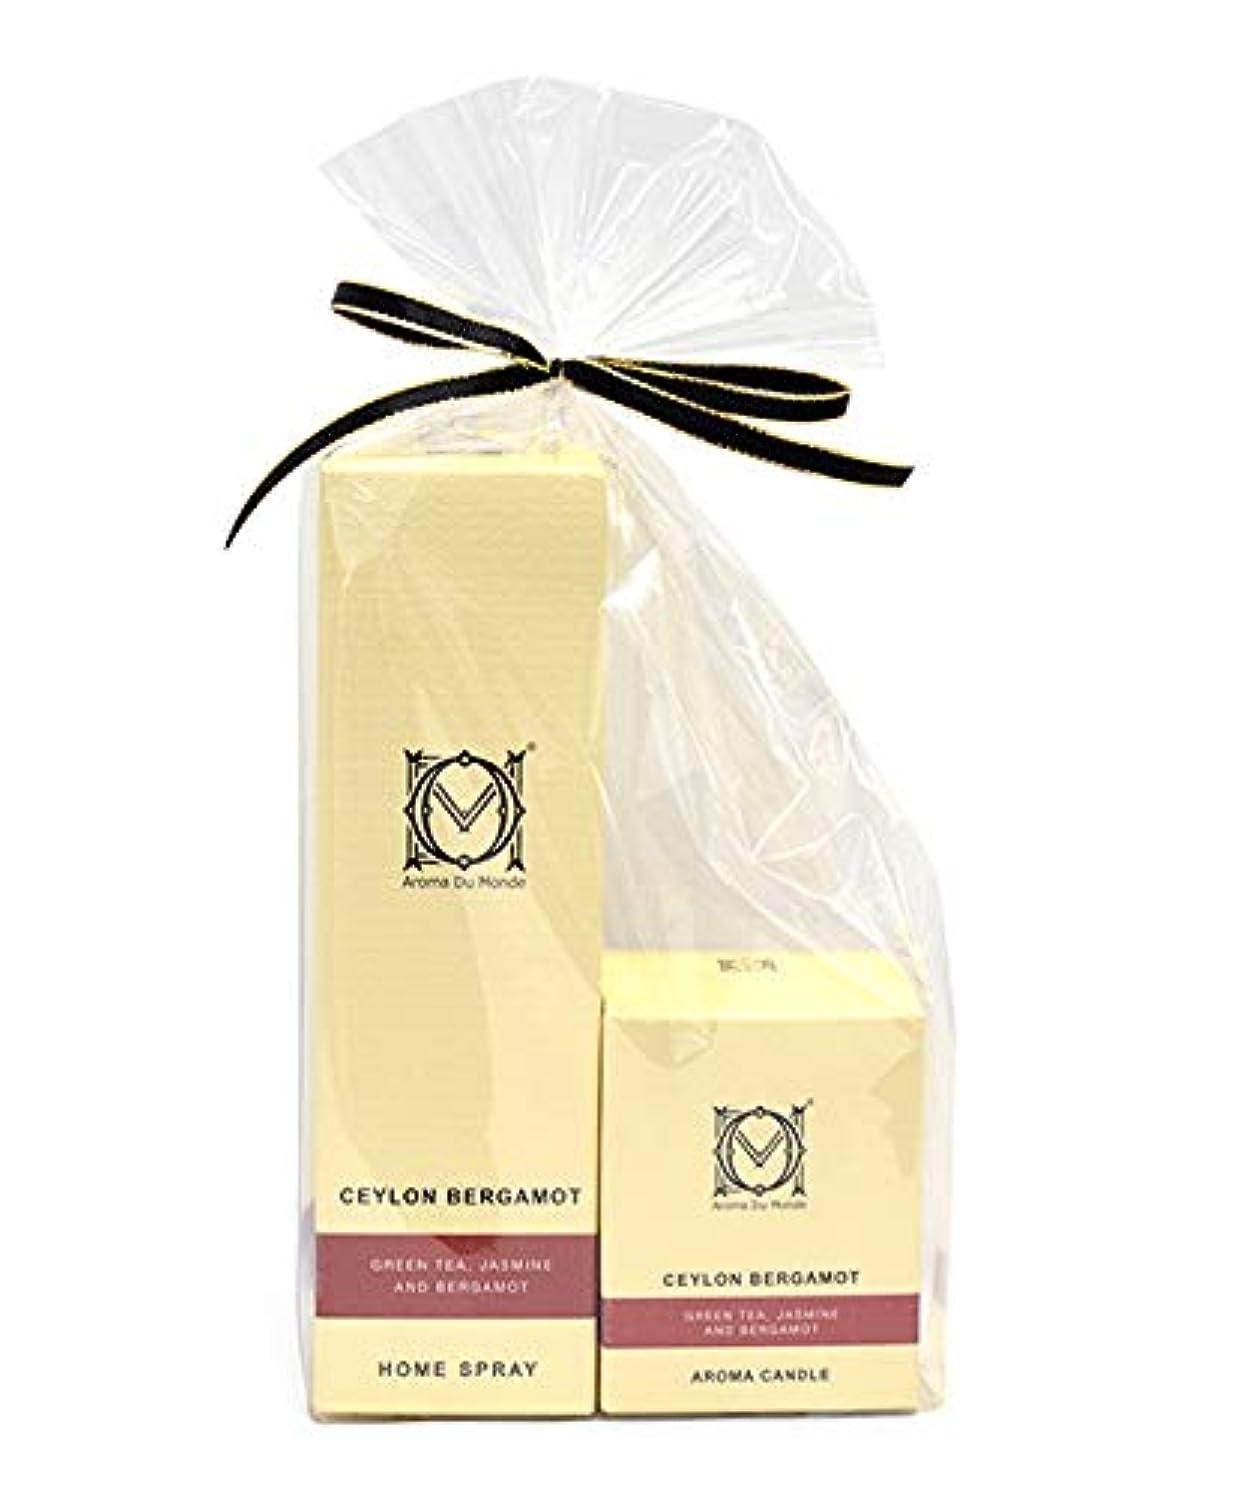 メッセンジャー内側手ホームスプレー&キャンドル セイロンベルガモットセット Aroma Du Monde/ADM Home Spray & Candle Ceylon Bergamot Set 81151